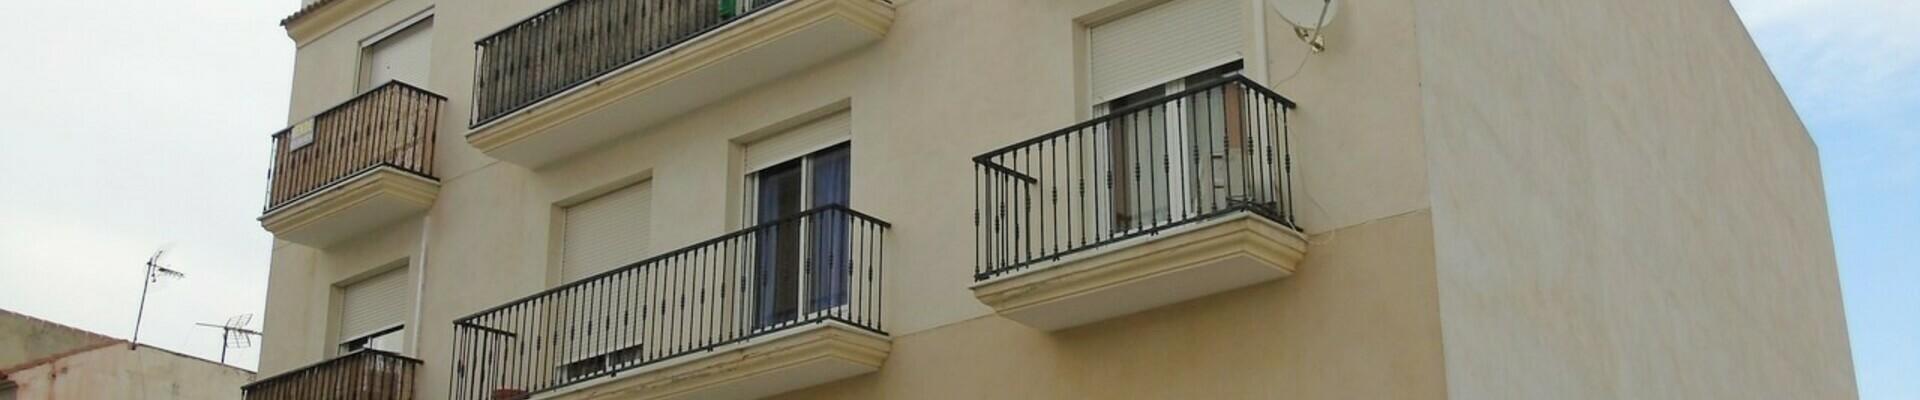 AF548: 3 Bedroom Apartment for Sale